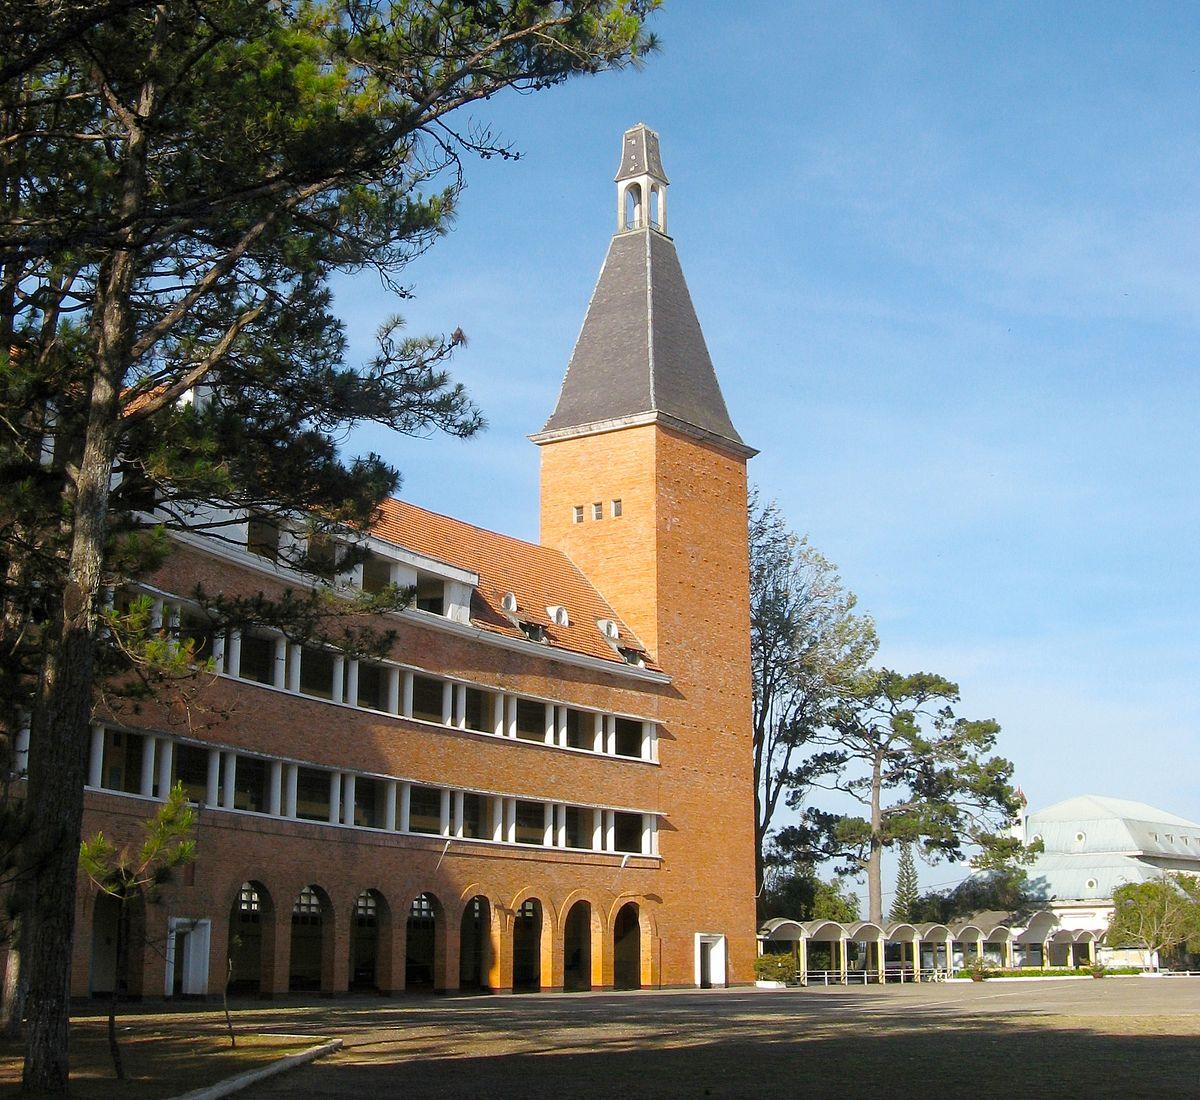 Hình ảnh nhà thờ đẹp ở Đà lạt